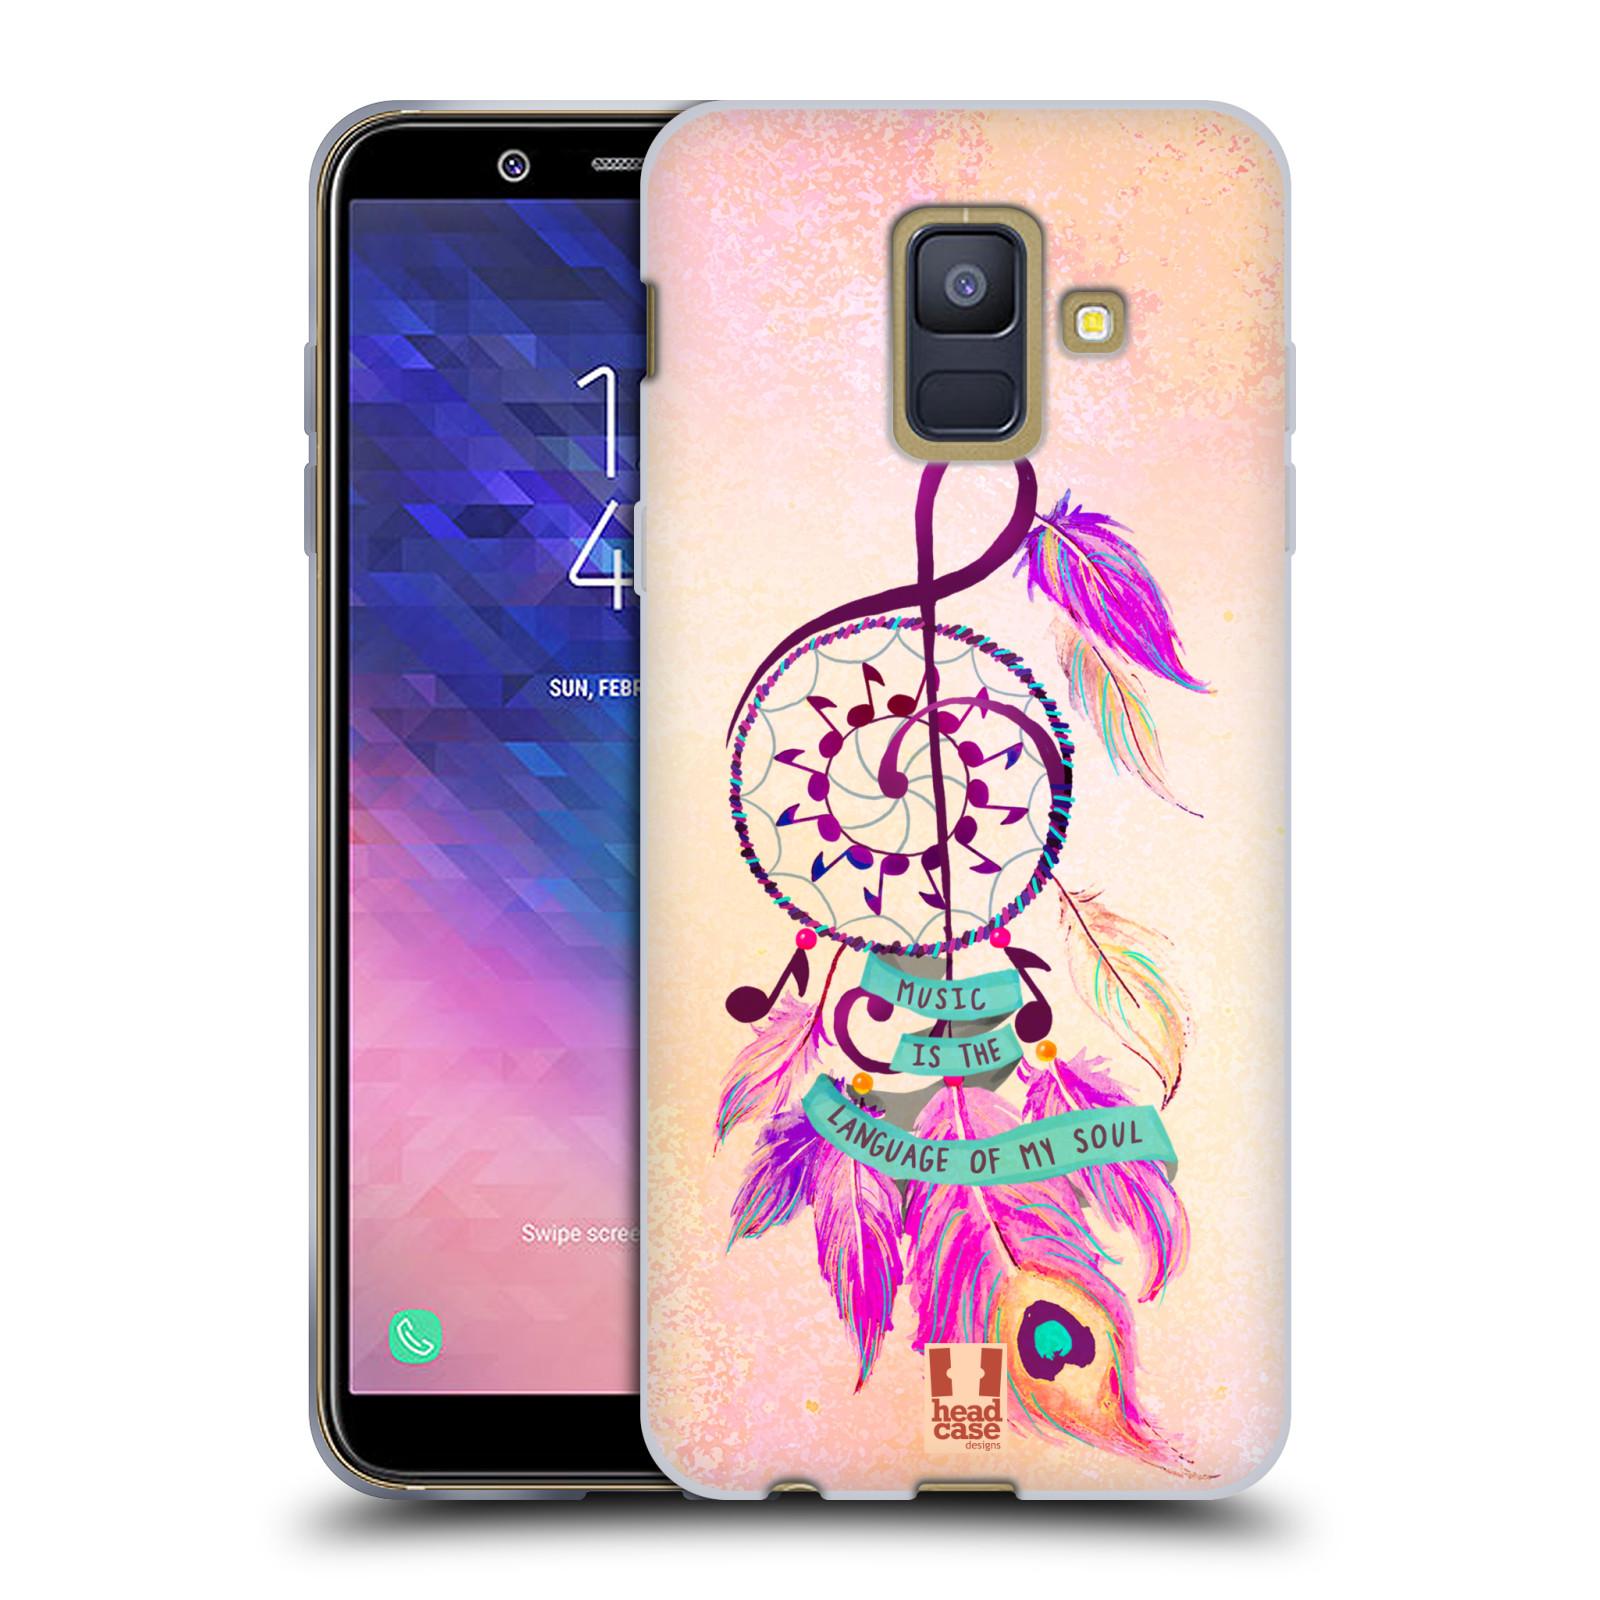 Silikonové pouzdro na mobil Samsung Galaxy A6 (2018) - Head Case - Lapač Assorted Music